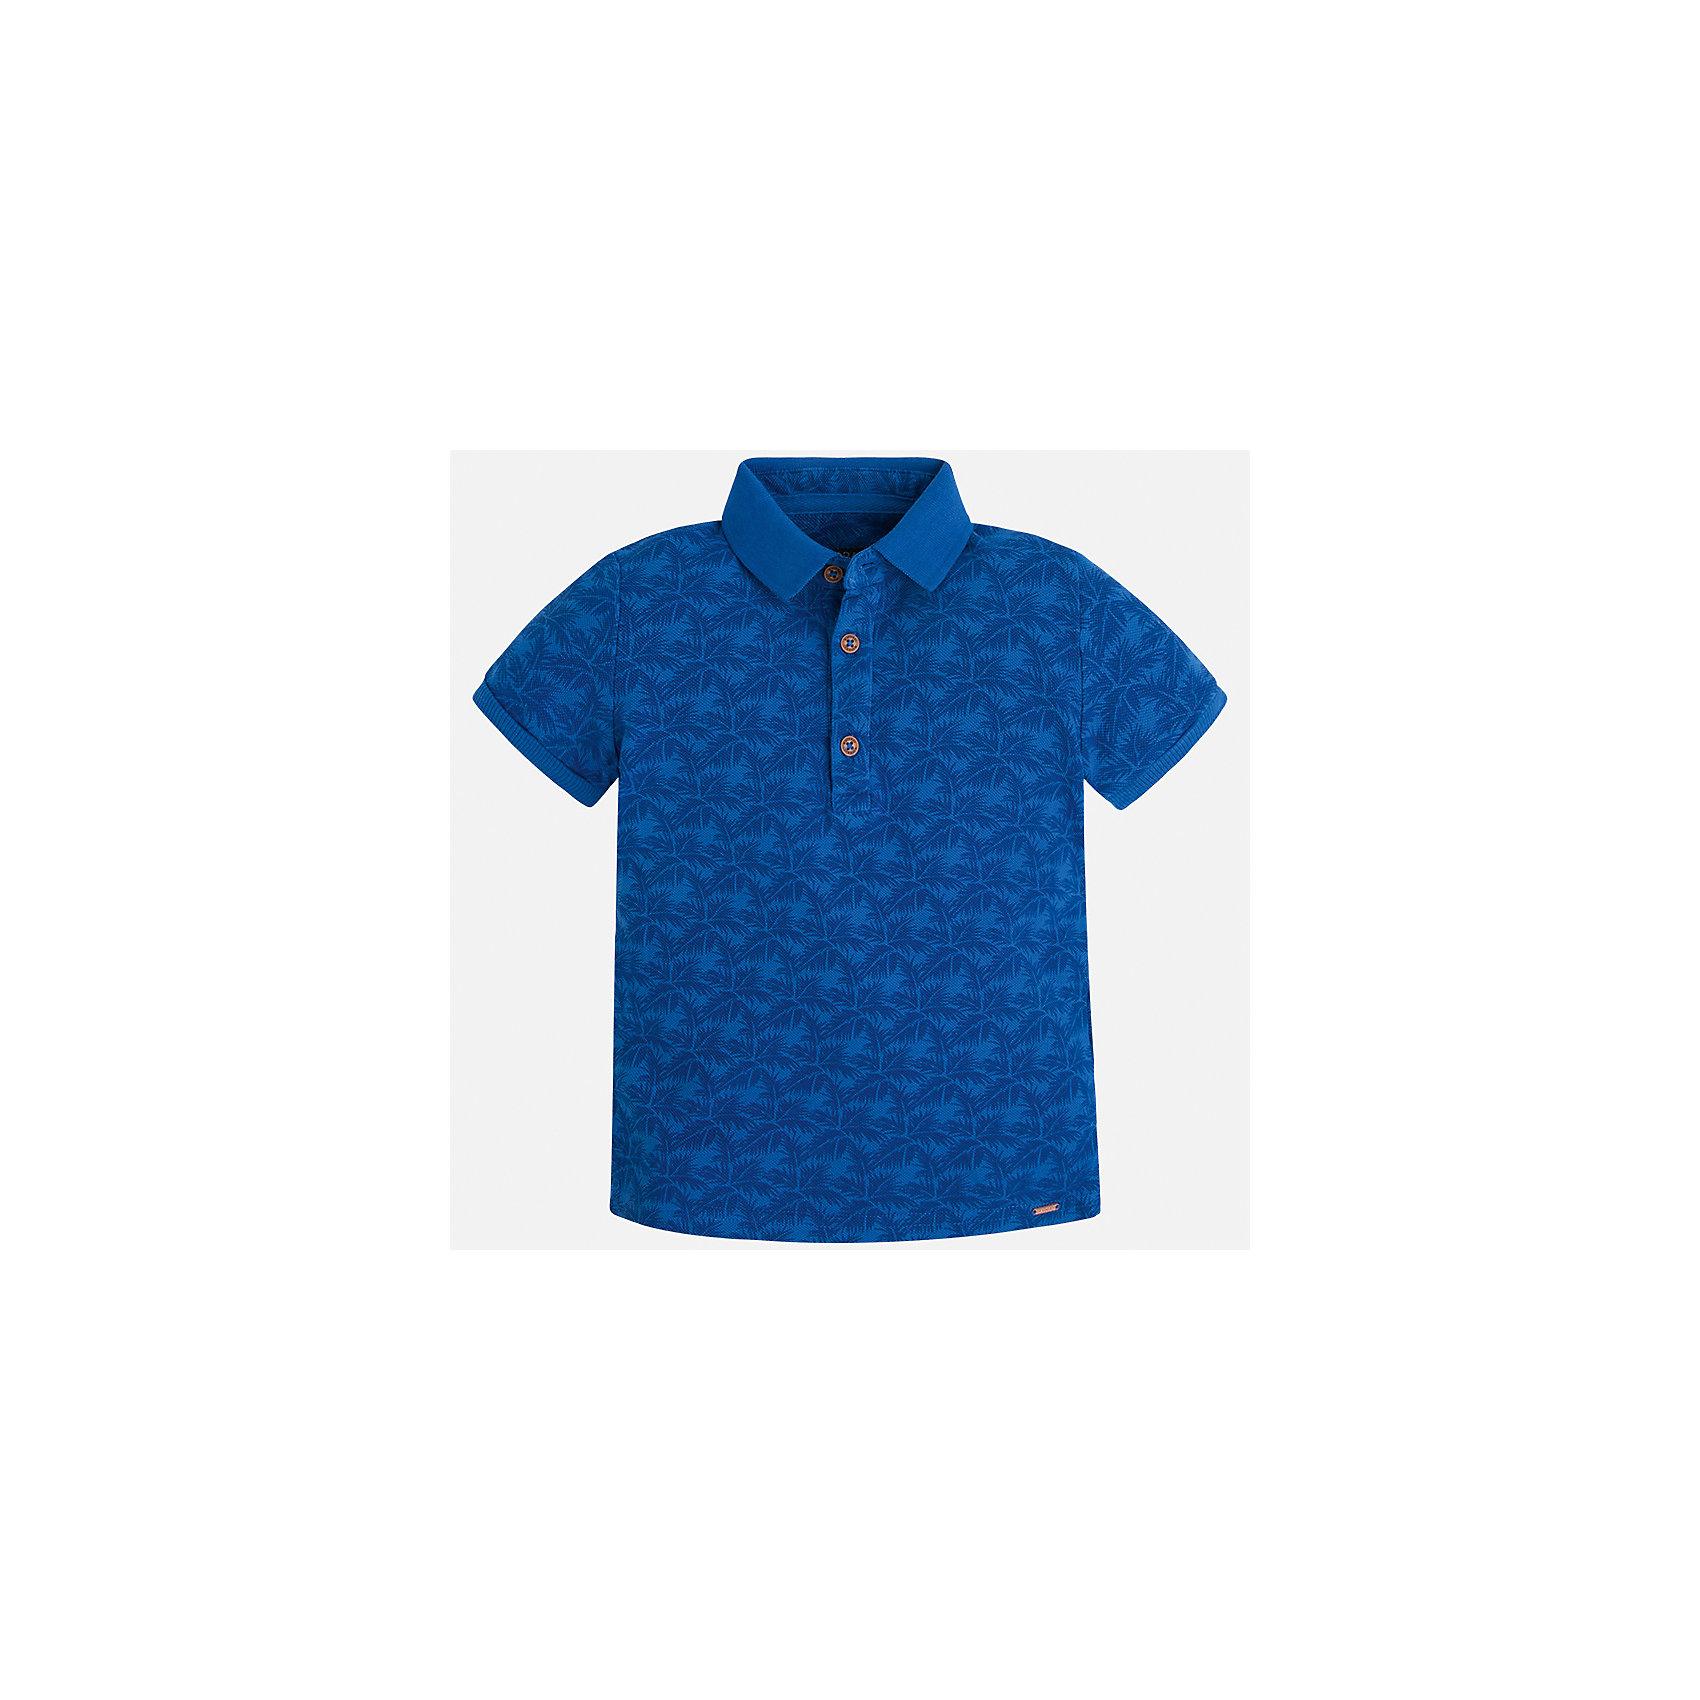 Футболка-поло для мальчика MayoralФутболки, поло и топы<br>Характеристики товара:<br><br>• цвет: синий<br>• состав: 100% хлопок<br>• отложной воротник<br>• короткие рукава<br>• застежка: пуговицы<br>• материал с орнаментом<br>• страна бренда: Испания<br><br>Удобная и модная футболка-поло для мальчика может стать базовой вещью в гардеробе ребенка. Она отлично сочетается с брюками, шортами, джинсами и т.д. Универсальный крой и цвет позволяет подобрать к вещи низ разных расцветок. Практичное и стильное изделие! В составе материала - только натуральный хлопок, гипоаллергенный, приятный на ощупь, дышащий.<br><br>Одежда, обувь и аксессуары от испанского бренда Mayoral полюбились детям и взрослым по всему миру. Модели этой марки - стильные и удобные. Для их производства используются только безопасные, качественные материалы и фурнитура. Порадуйте ребенка модными и красивыми вещами от Mayoral! <br><br>Футболку-поло для мальчика от испанского бренда Mayoral (Майорал) можно купить в нашем интернет-магазине.<br><br>Ширина мм: 230<br>Глубина мм: 40<br>Высота мм: 220<br>Вес г: 250<br>Цвет: синий<br>Возраст от месяцев: 96<br>Возраст до месяцев: 108<br>Пол: Мужской<br>Возраст: Детский<br>Размер: 134,128,116,110,104,98,92,122<br>SKU: 5272036